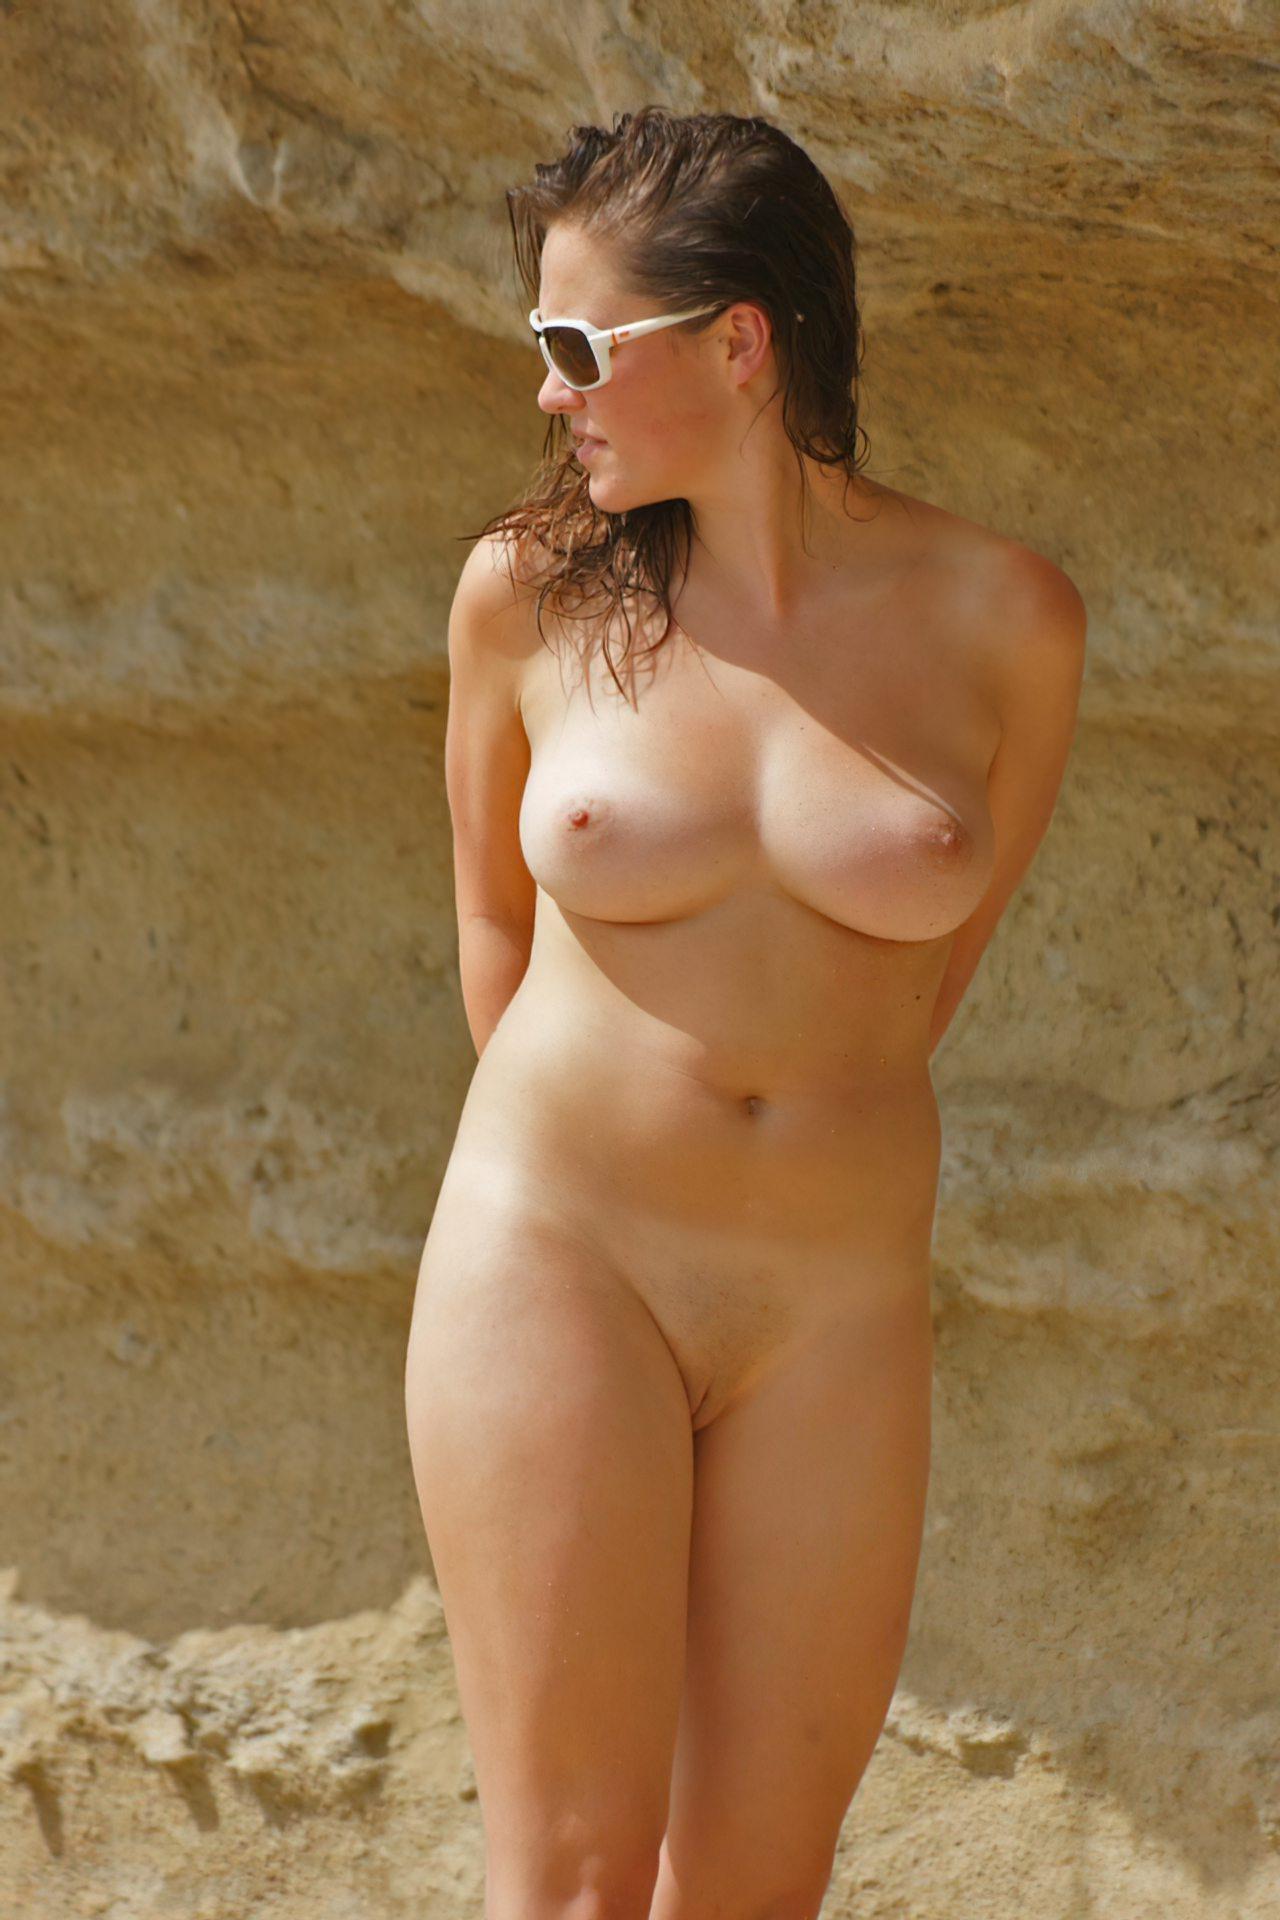 Fotos Mulher Pelada (21)